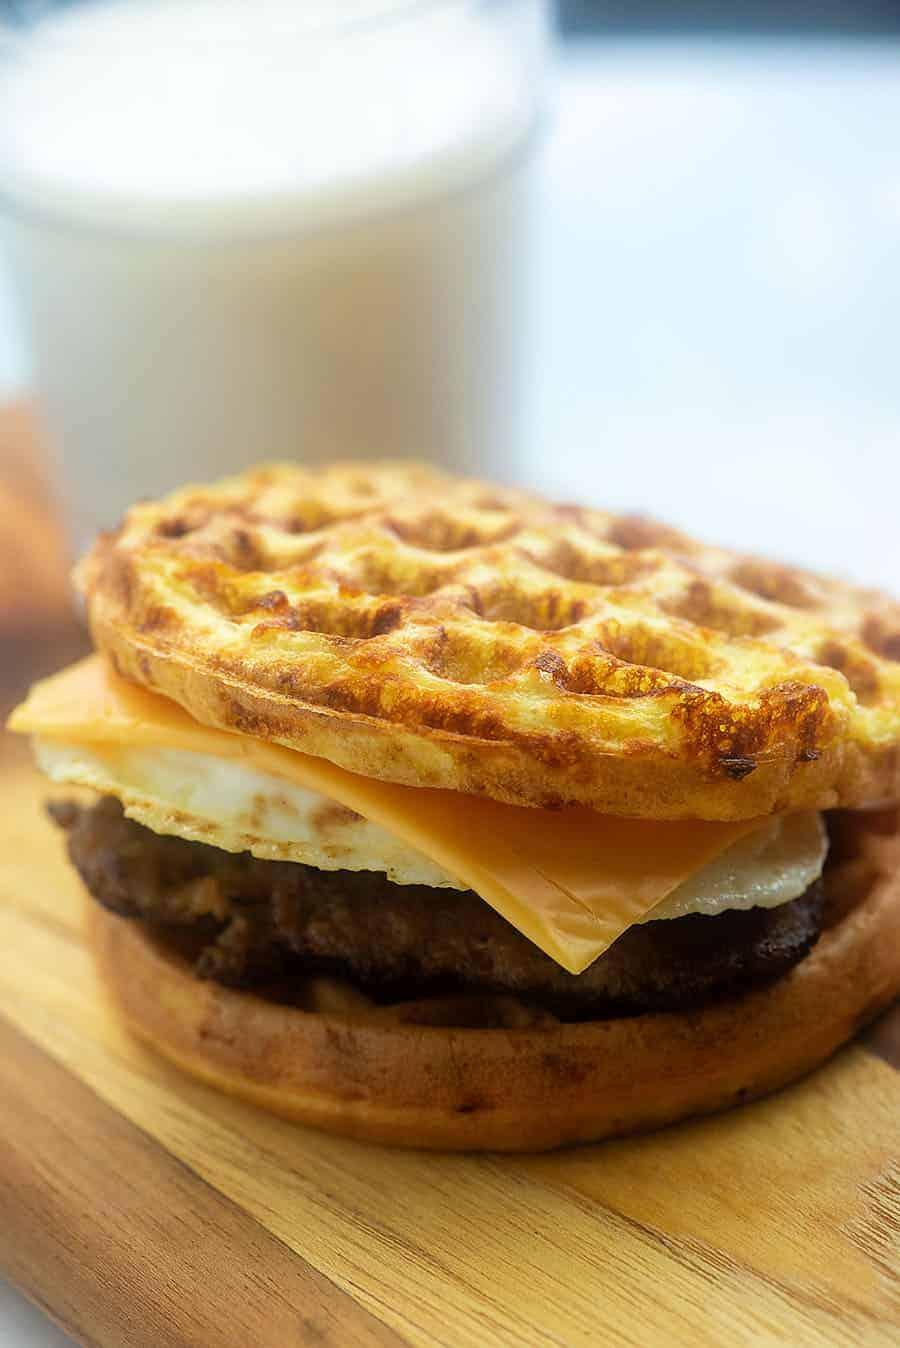 chaffle breakfast sandwich